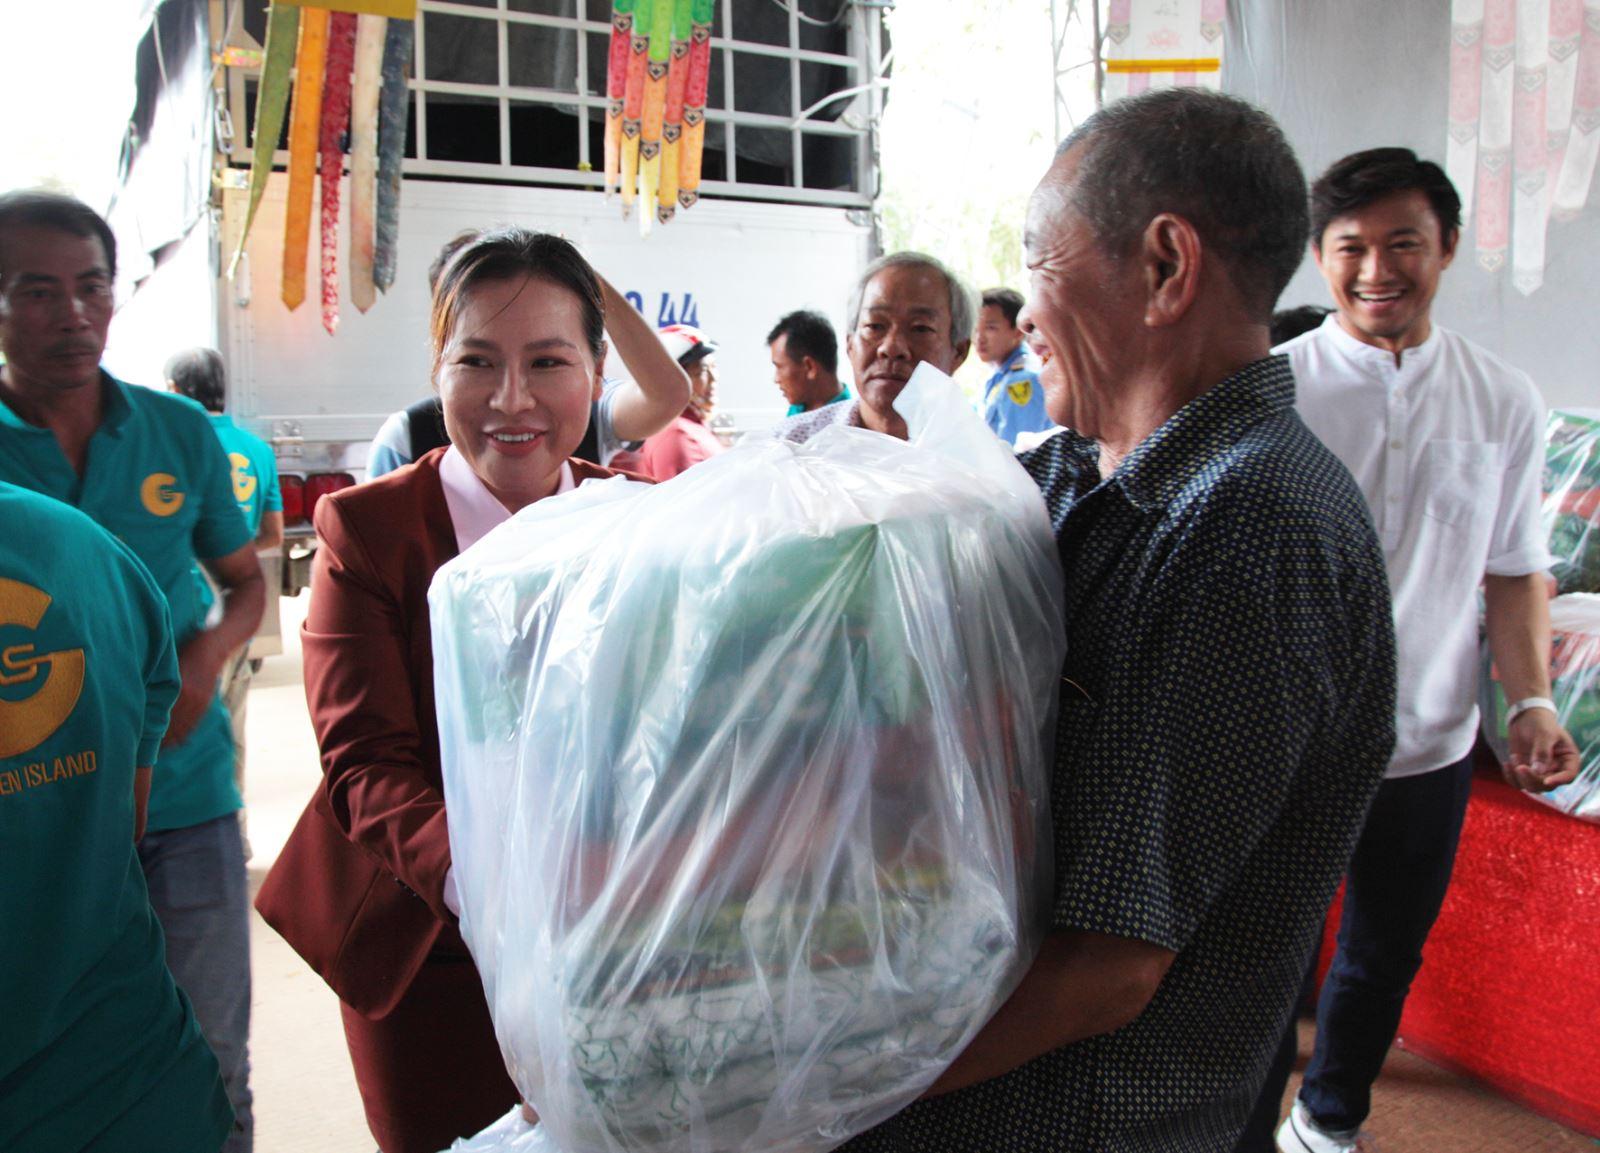 Bà Nguyễn Ngọc Tiền, Chủ tịch Hội đồng Quản trị kiêm Tổng Giám đốc Công ty Bất động sản Đảo Vàng (giữa) đang trao quà cho bà con đồng bào Phú Quốc bị thiệt hại do lũ lụt (ảnh DV)